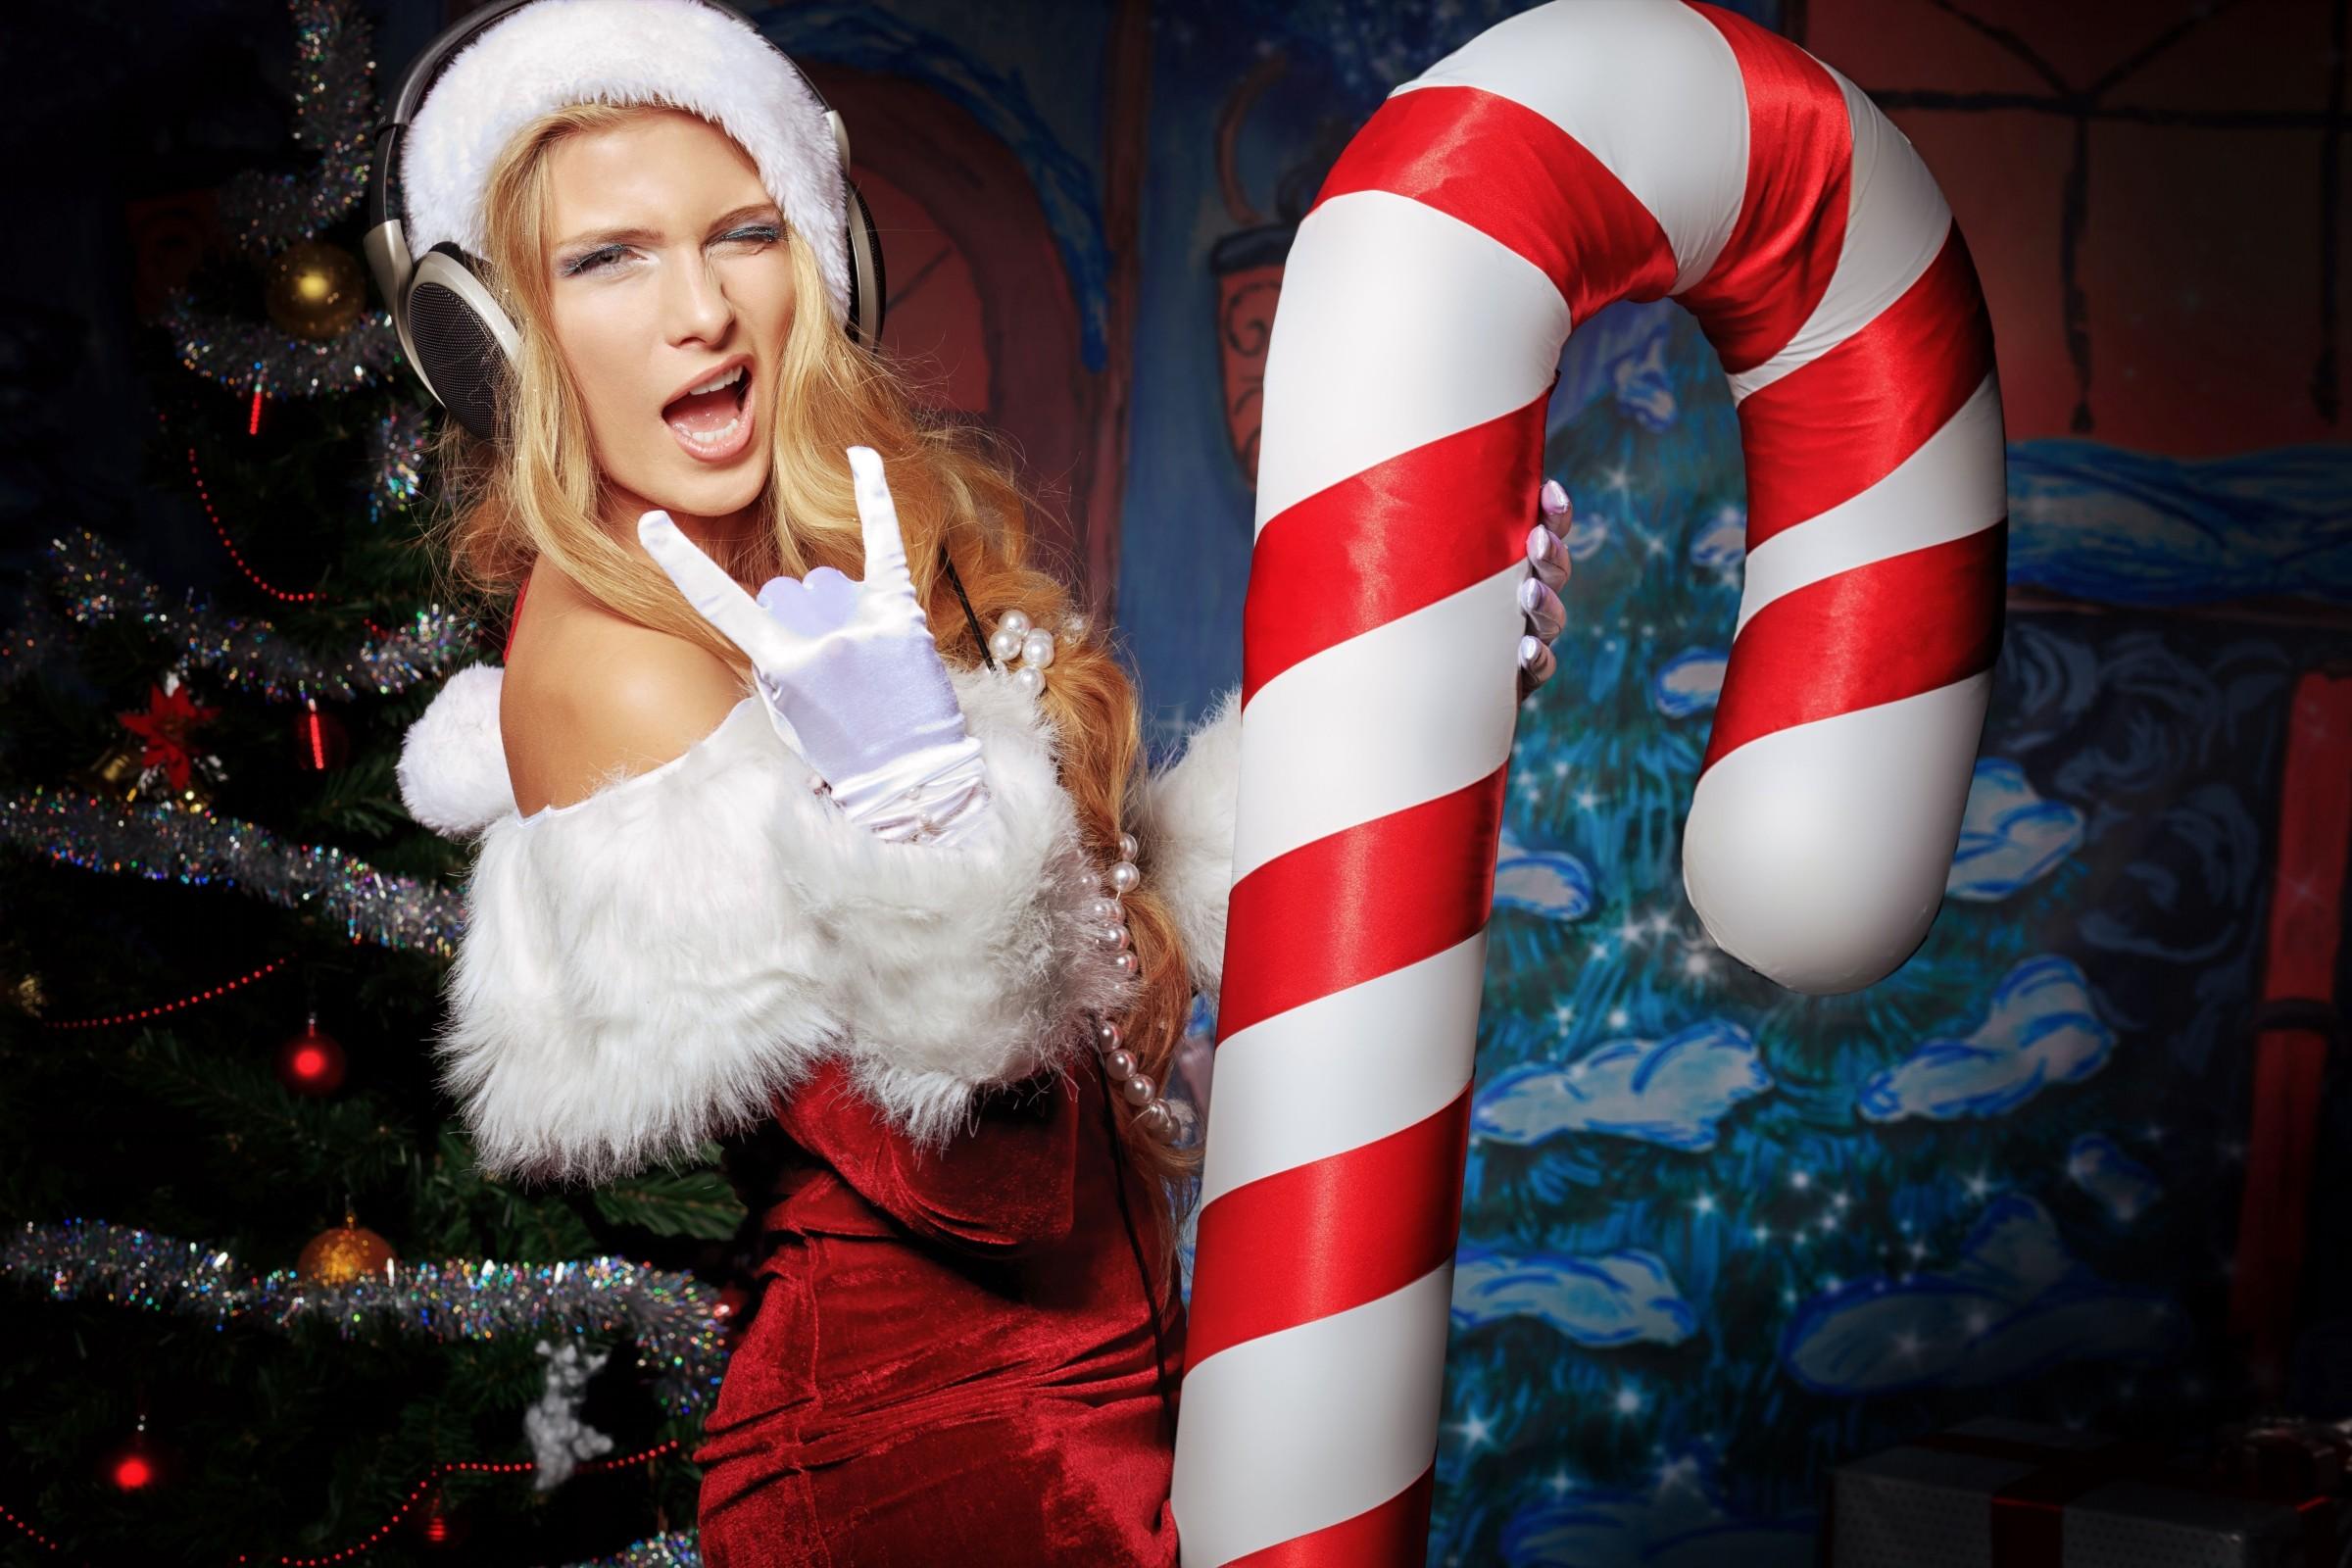 секс снегурочка на празднике бесплатно